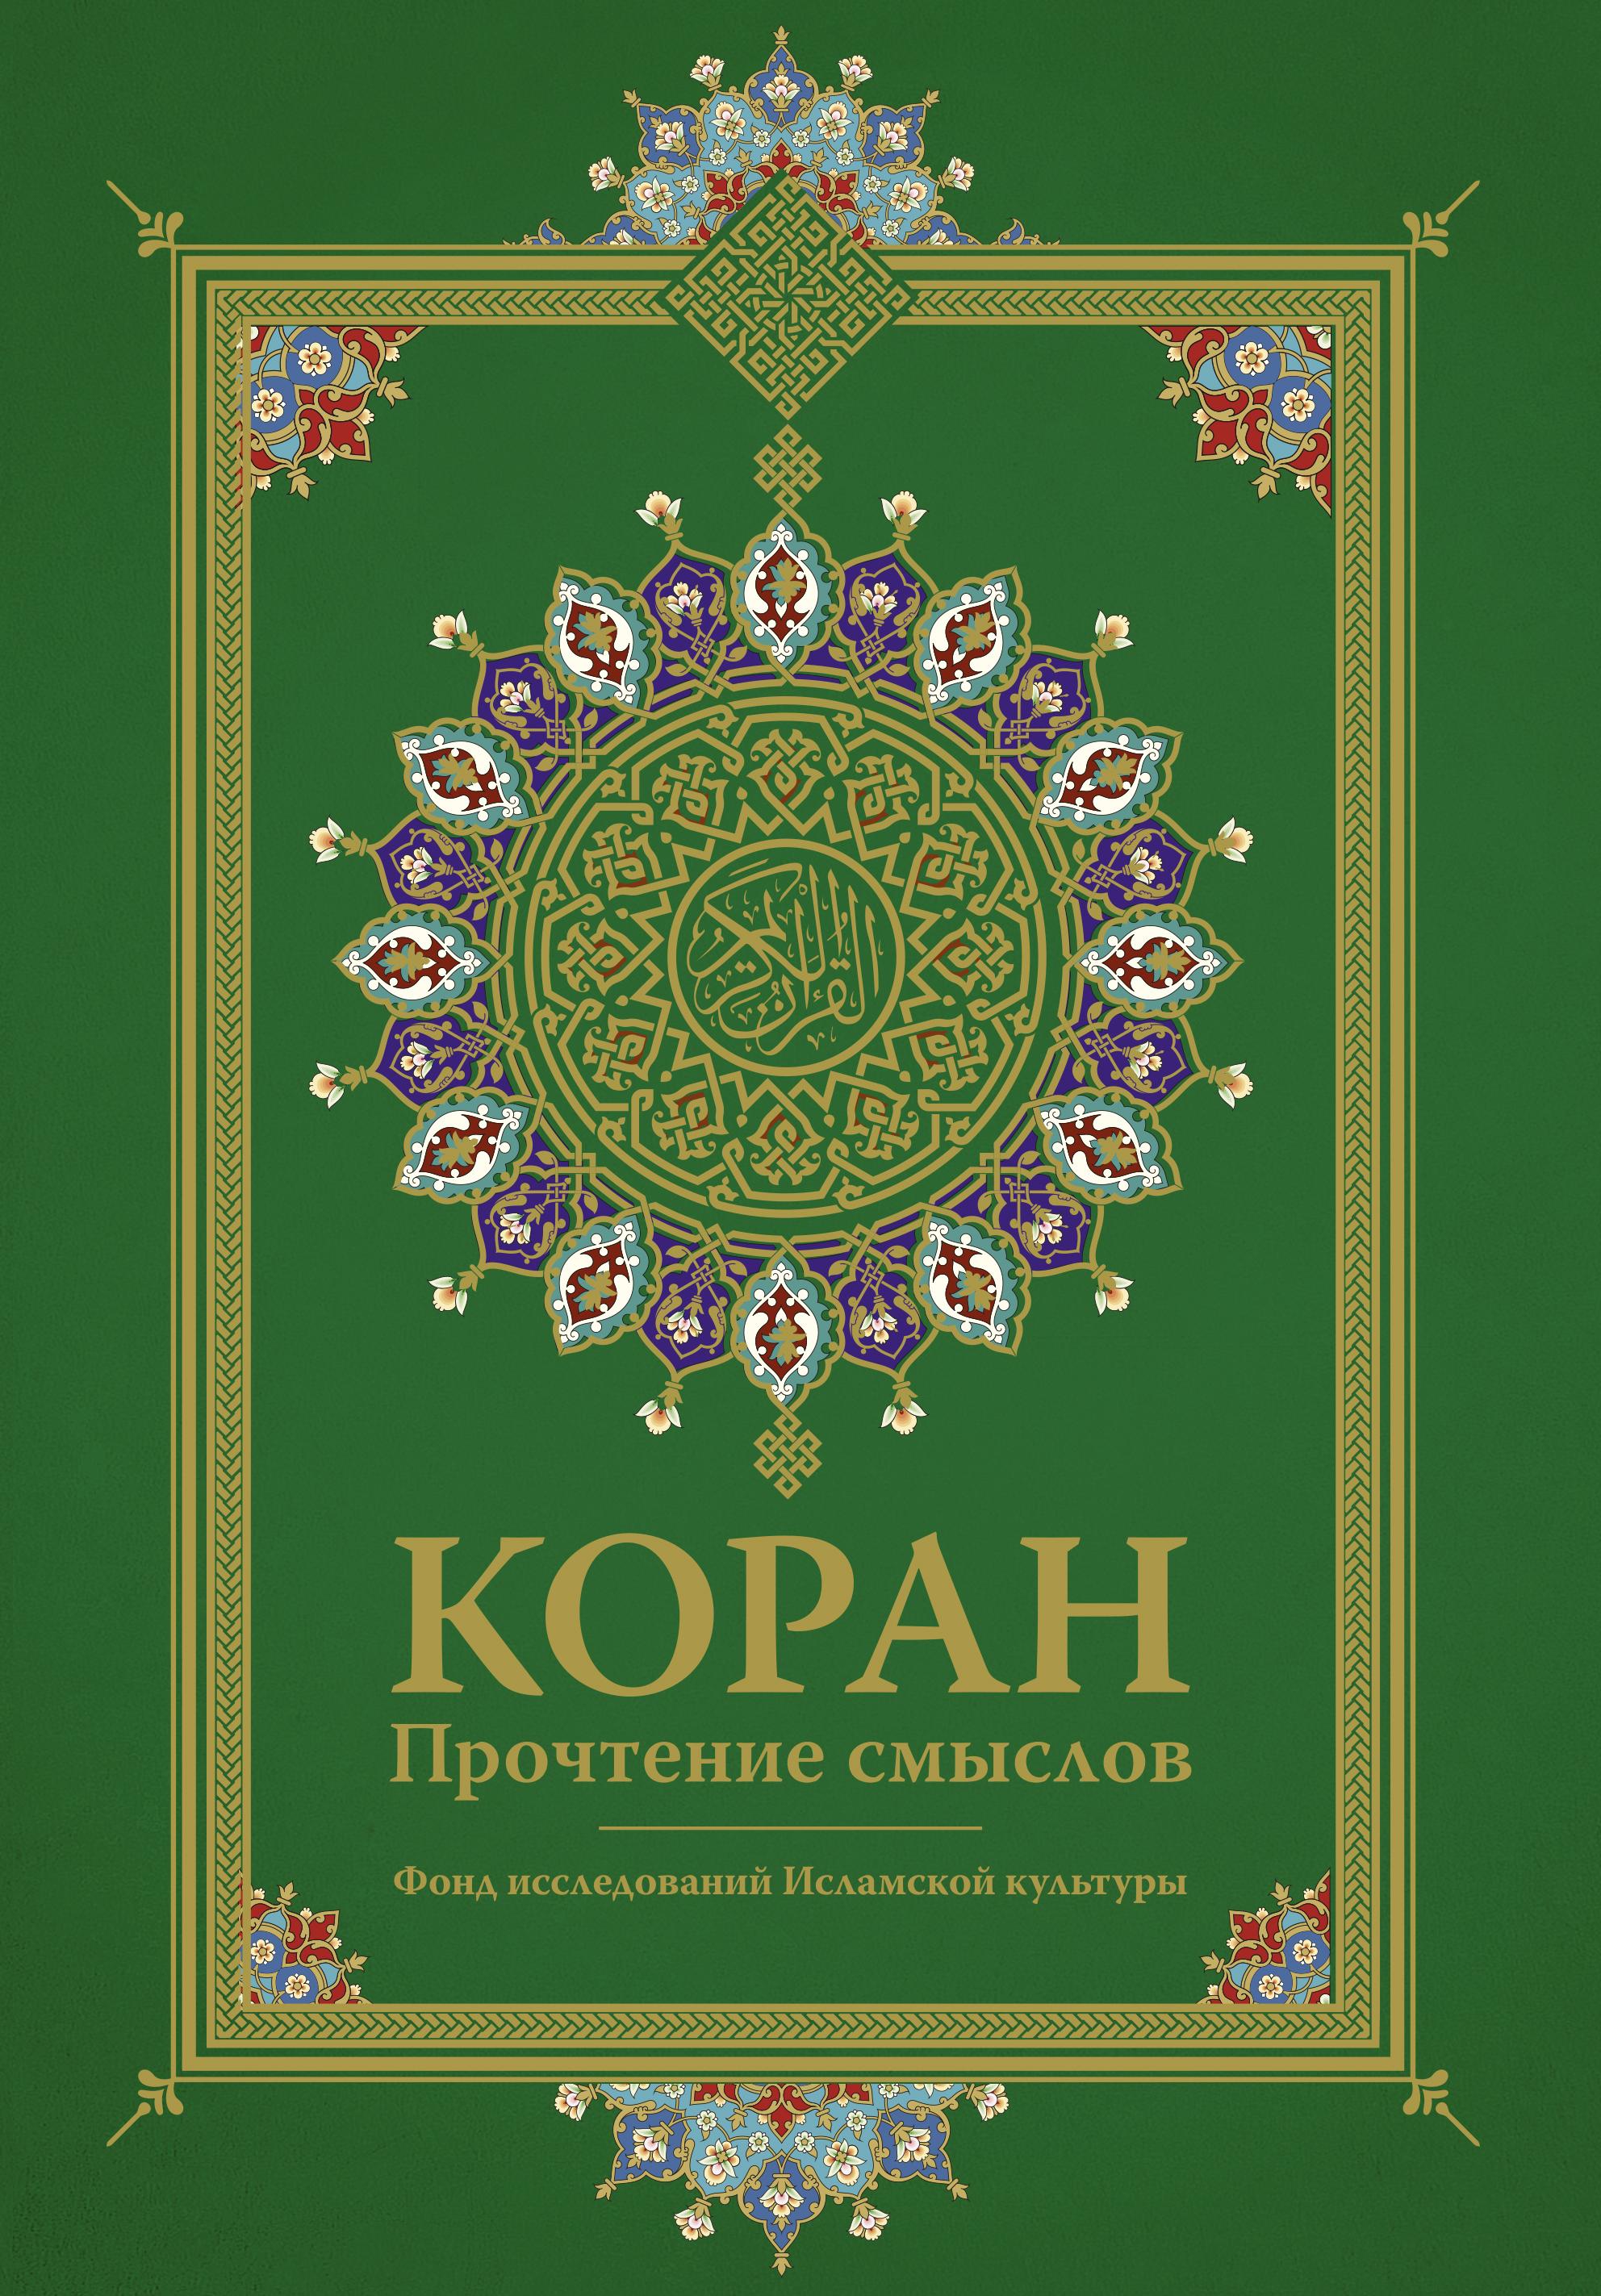 . Коран. Прочтение смыслов абд ар рахман бин насир ас саади толкование священного корана в 3 томах эксклюзивный подарочный комплект из 3 книг